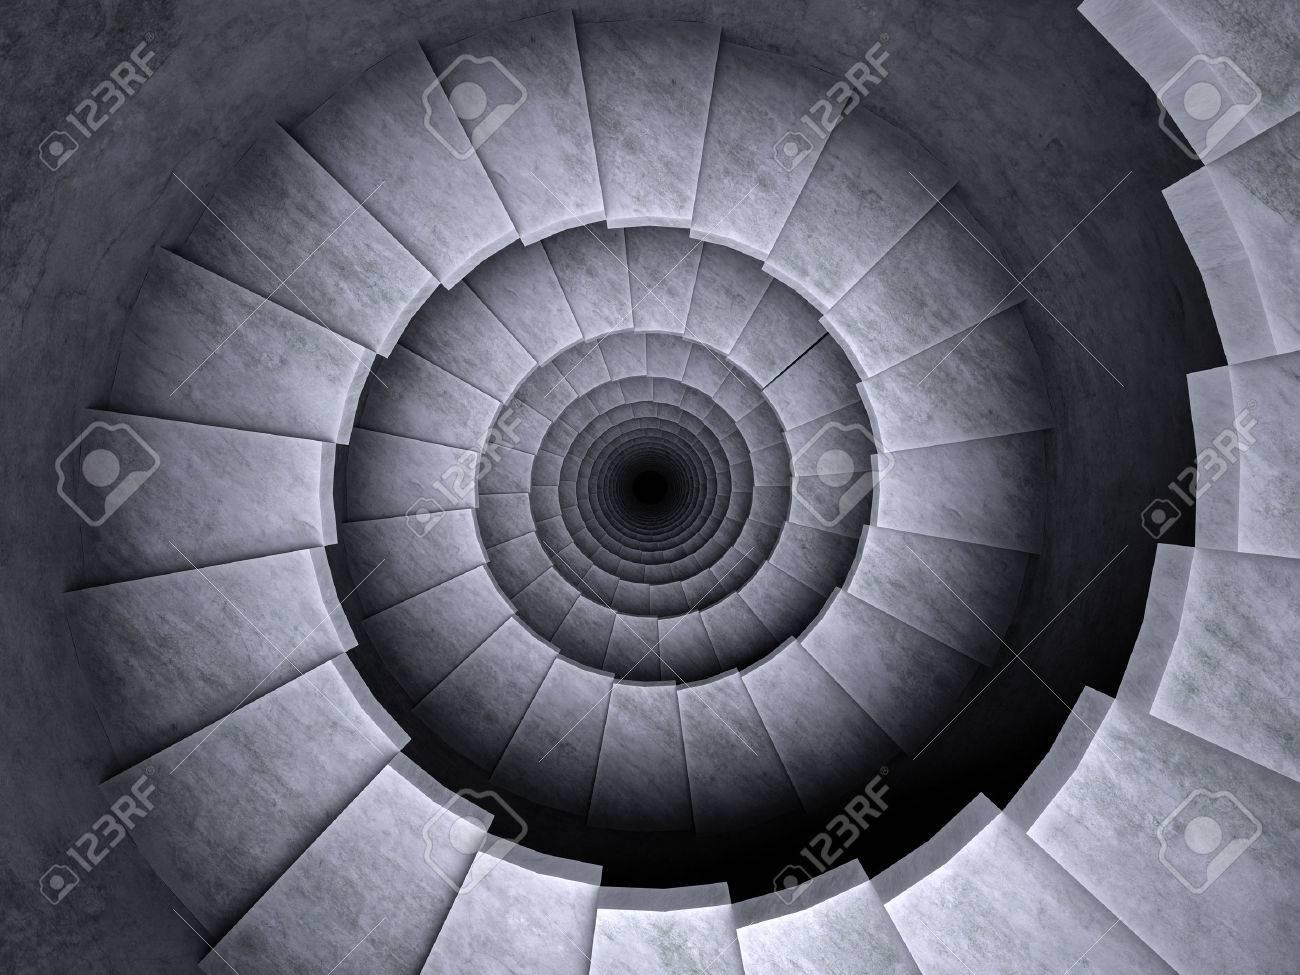 spiral stairs 3d render dark - 23289234